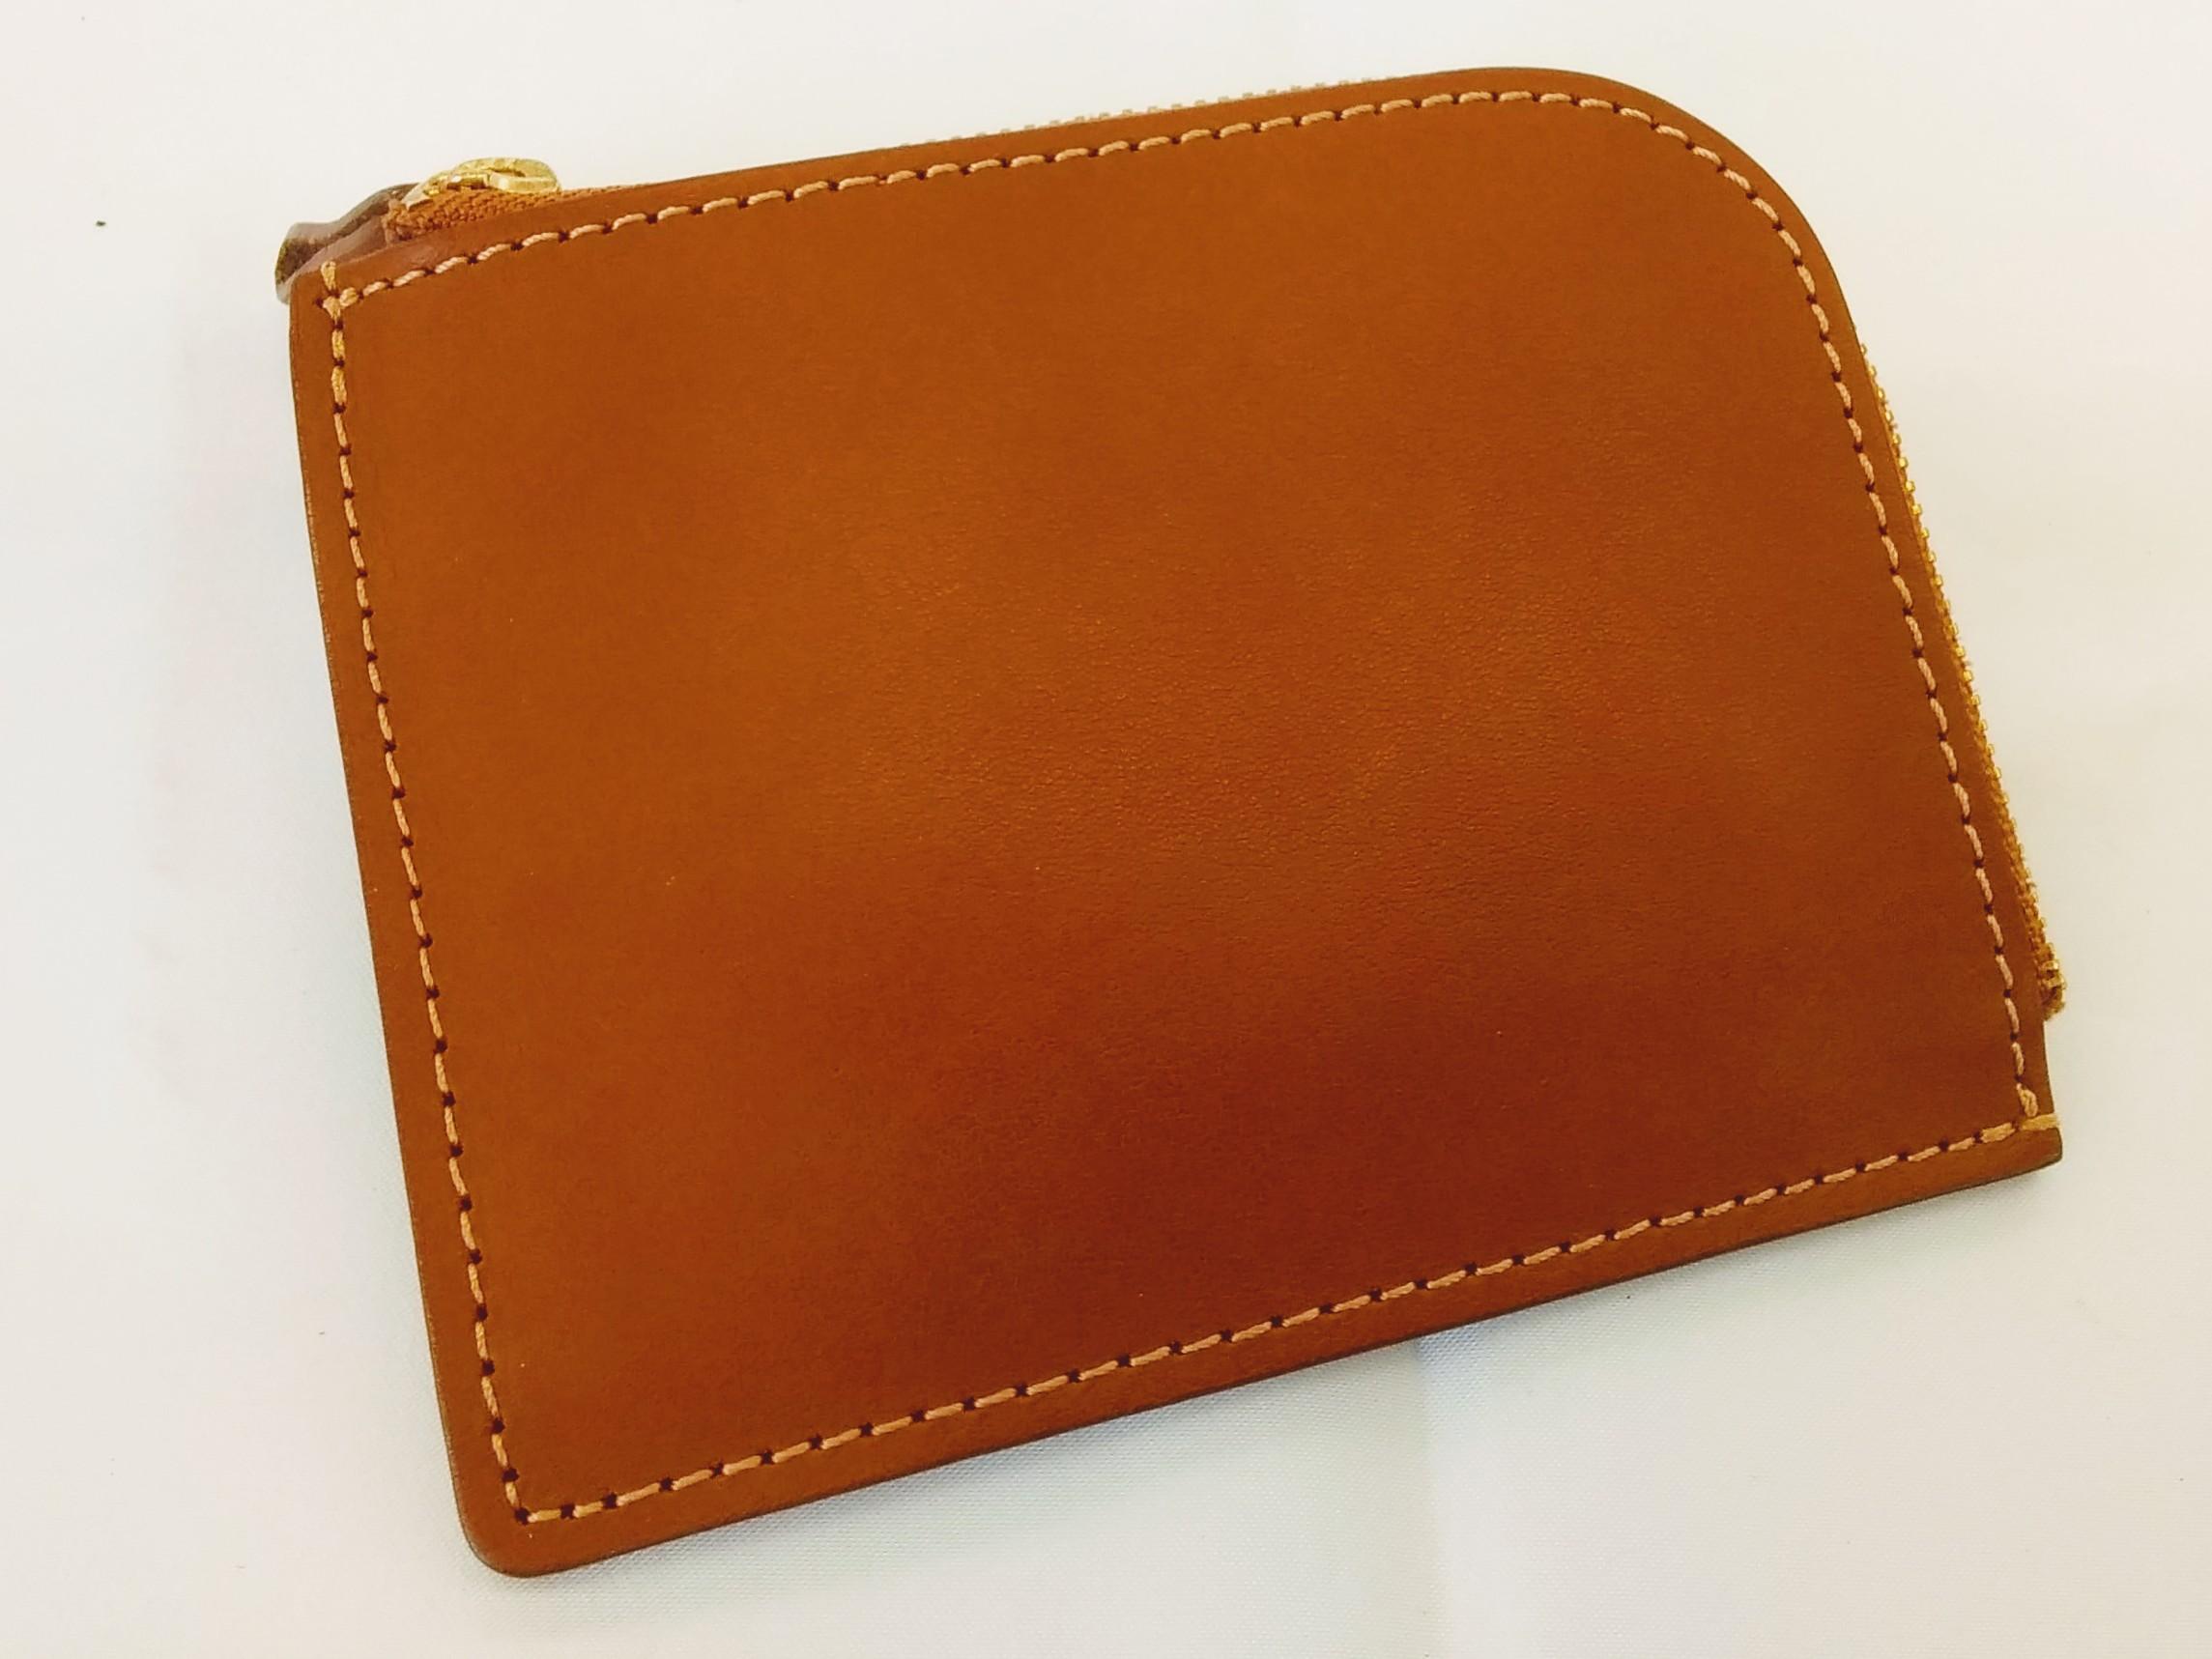 財布【ブラウン】|土屋鞄製作所【ジップ財布】【メンズ】